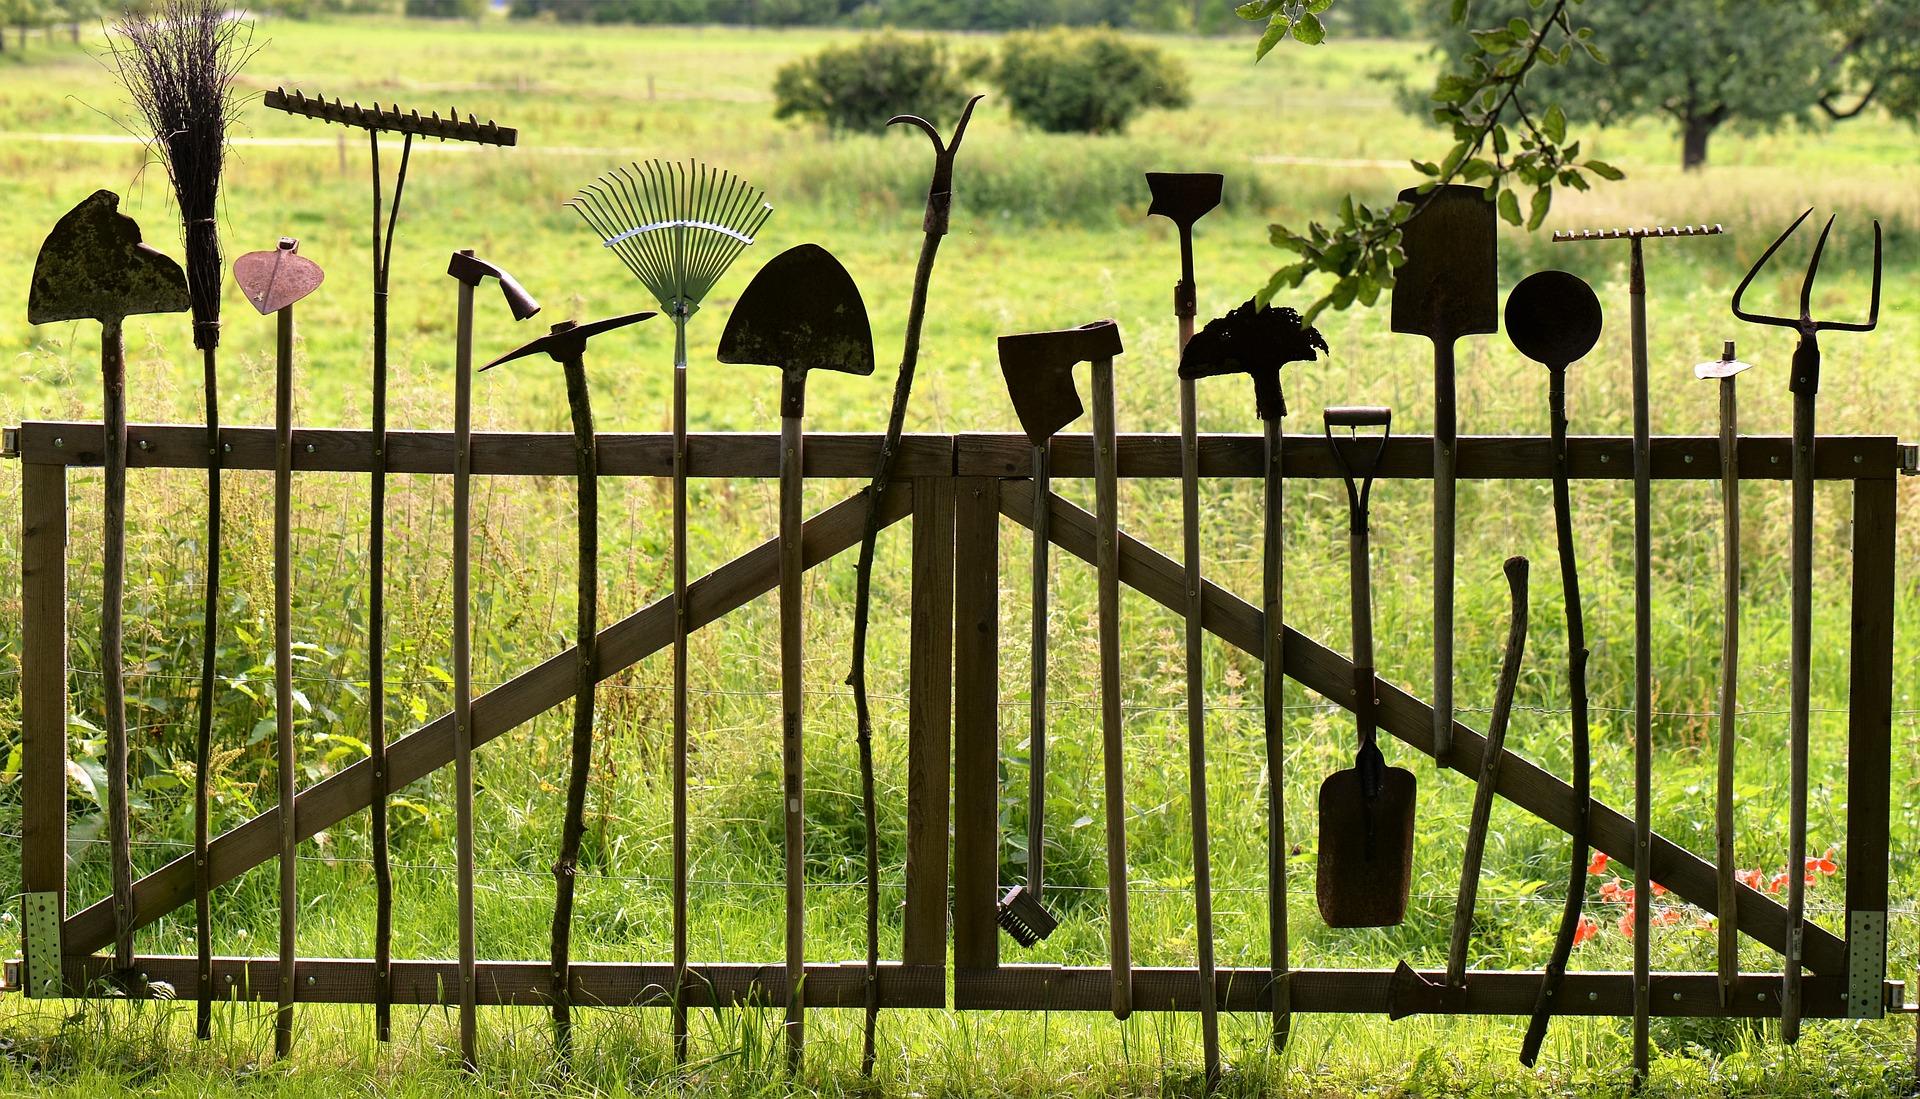 gardening-tools-1478547_1920.jpg